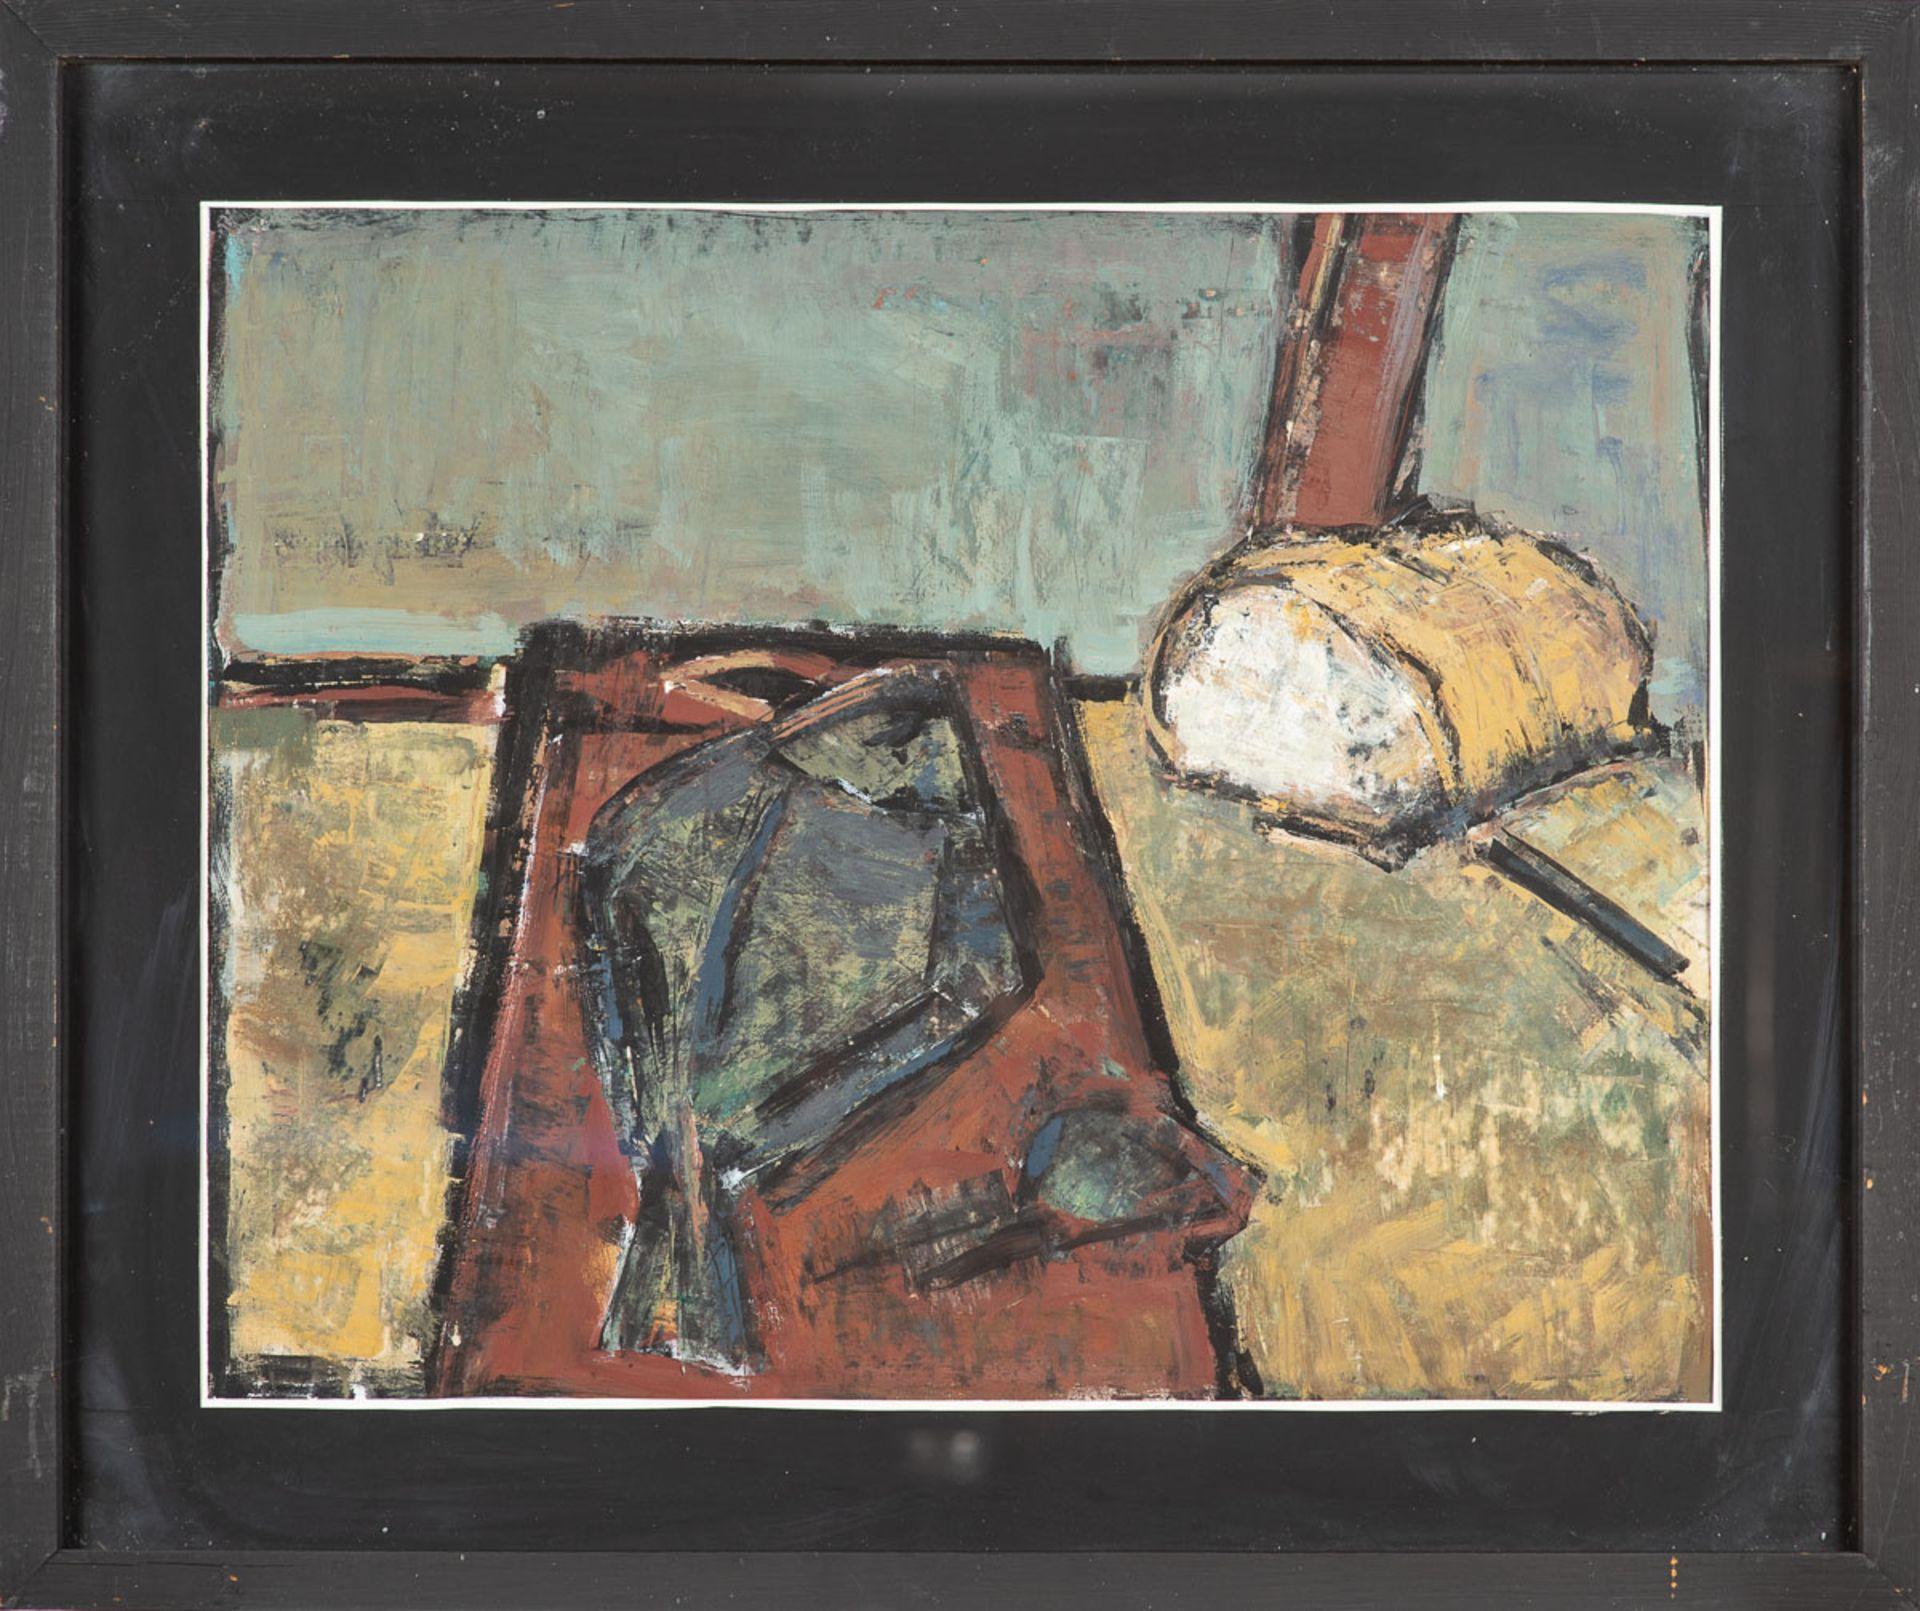 Klaus–Dieter Gerlach – Brot und Flunder. 1984. - Image 2 of 3